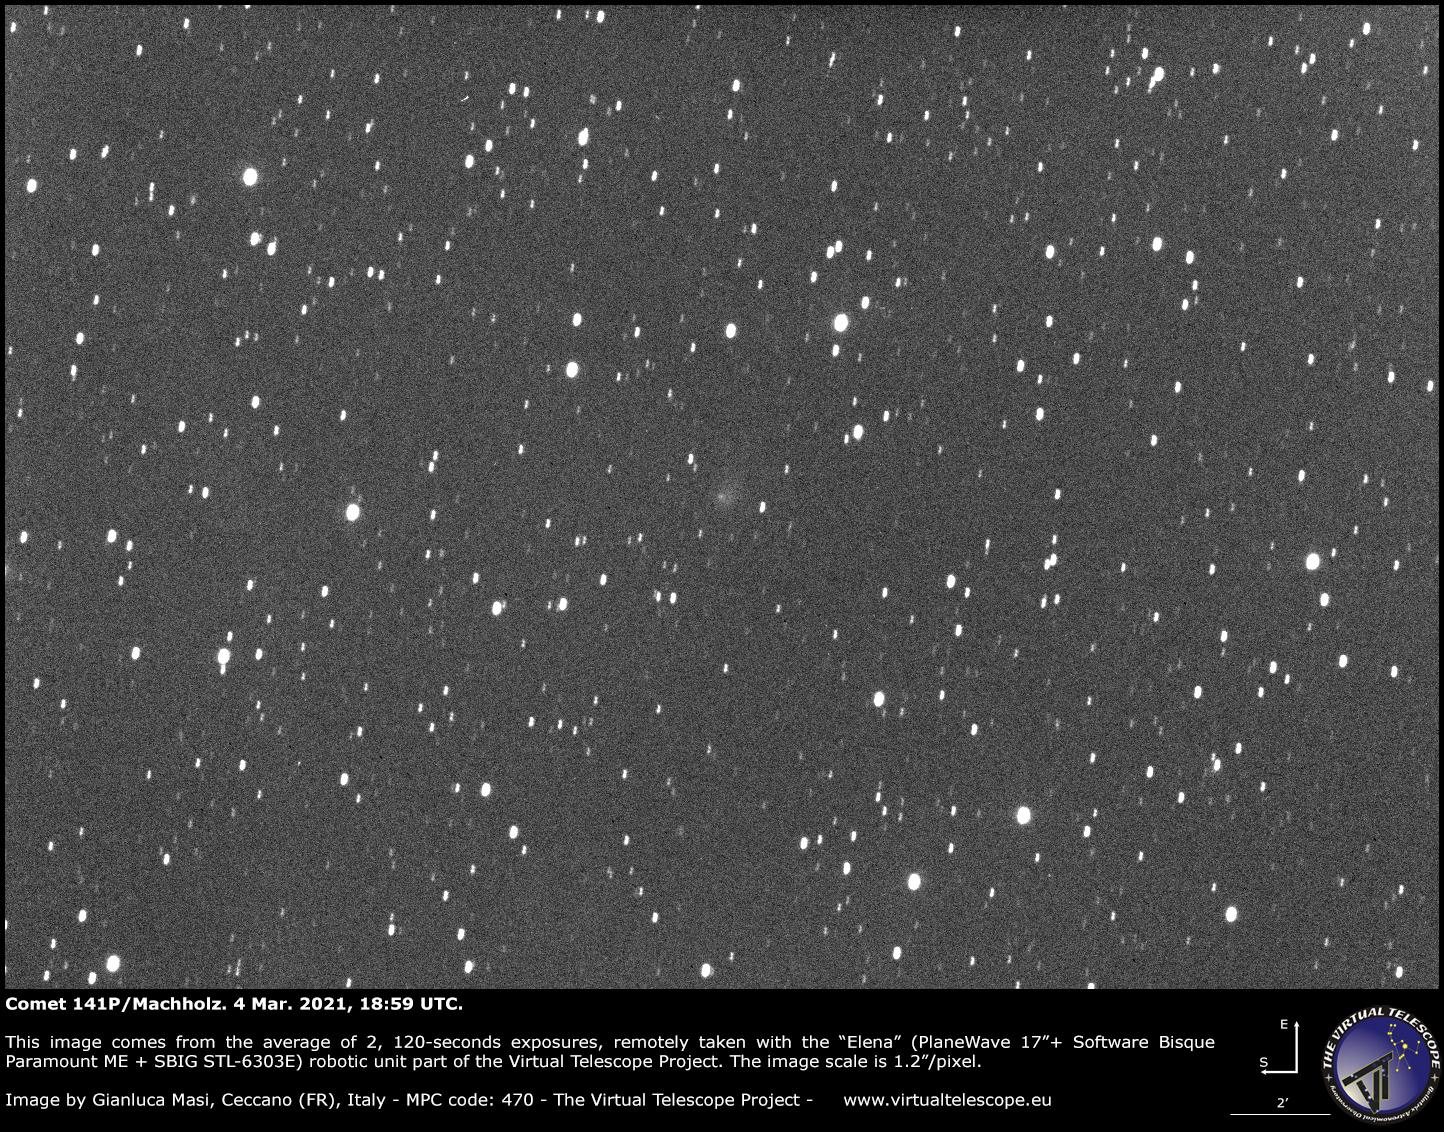 Comet 141P/Machholz: 04 Mar. 2021.